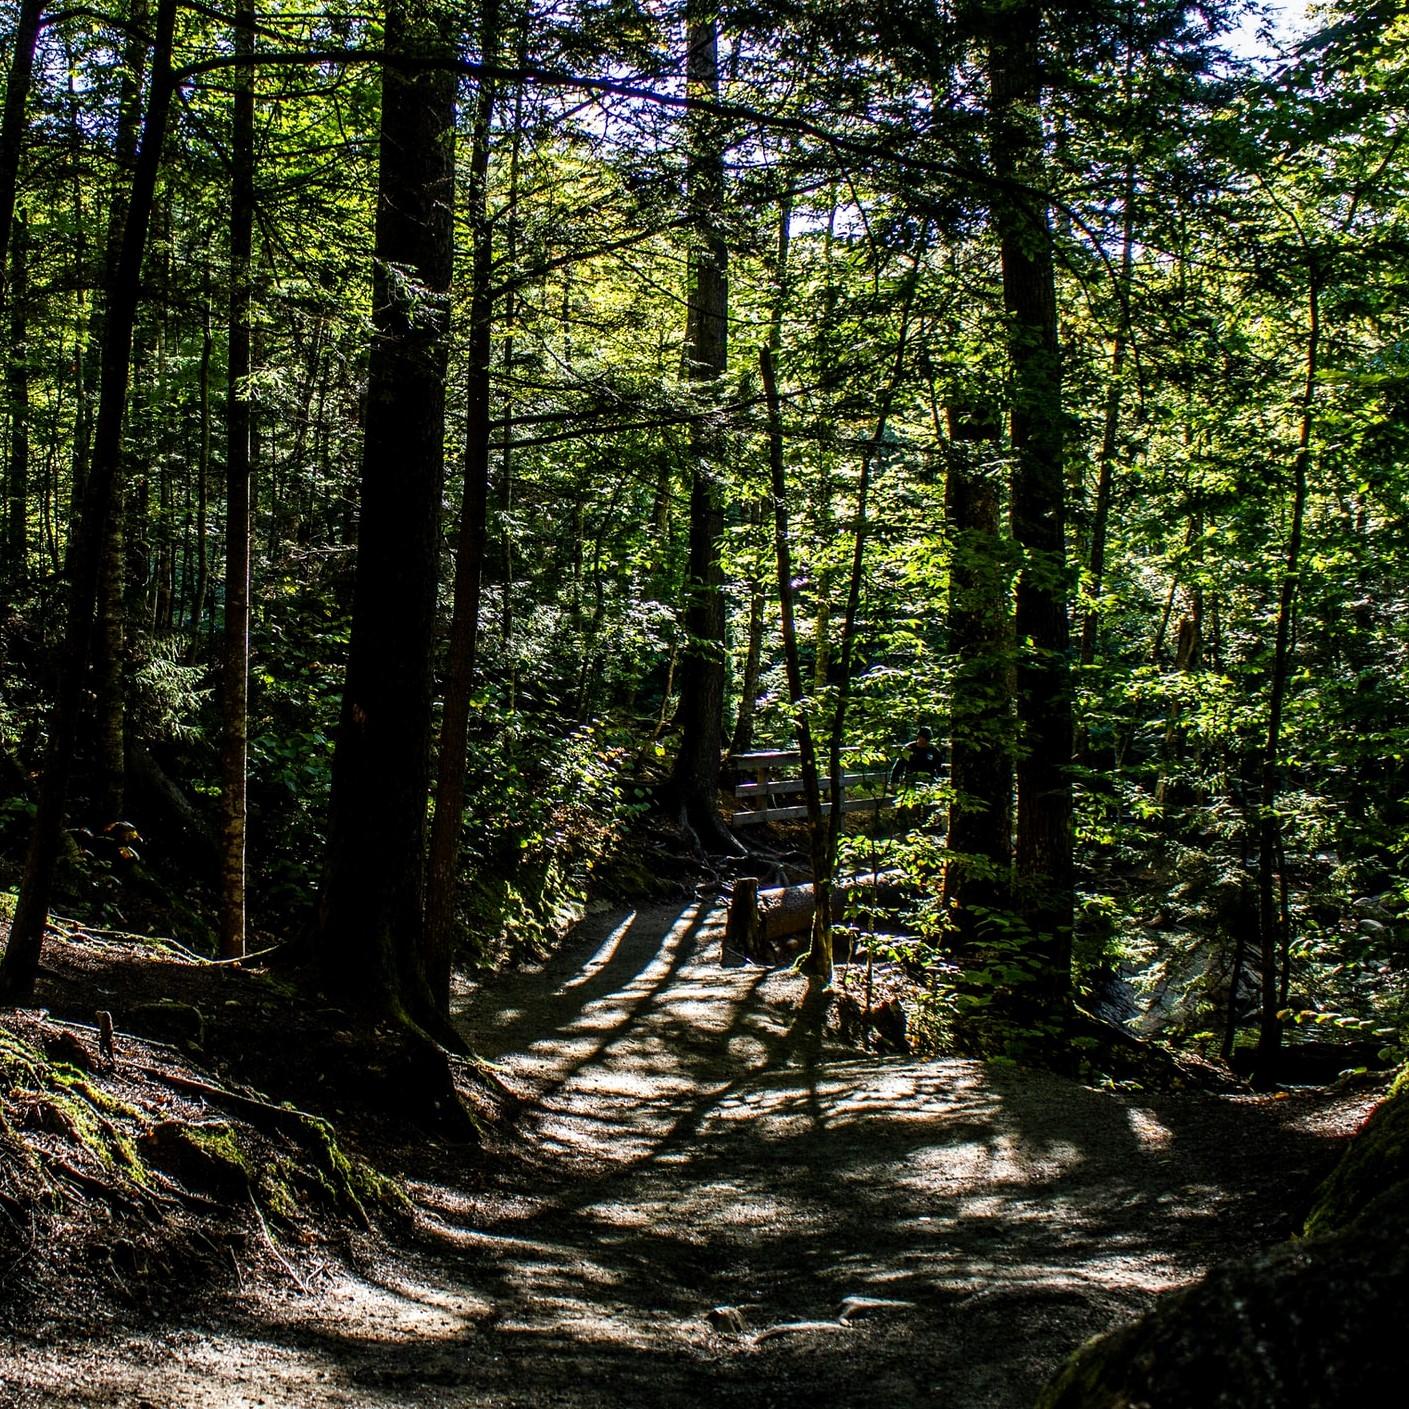 Ecologische motieven achter Van Eedens kolonie Walden